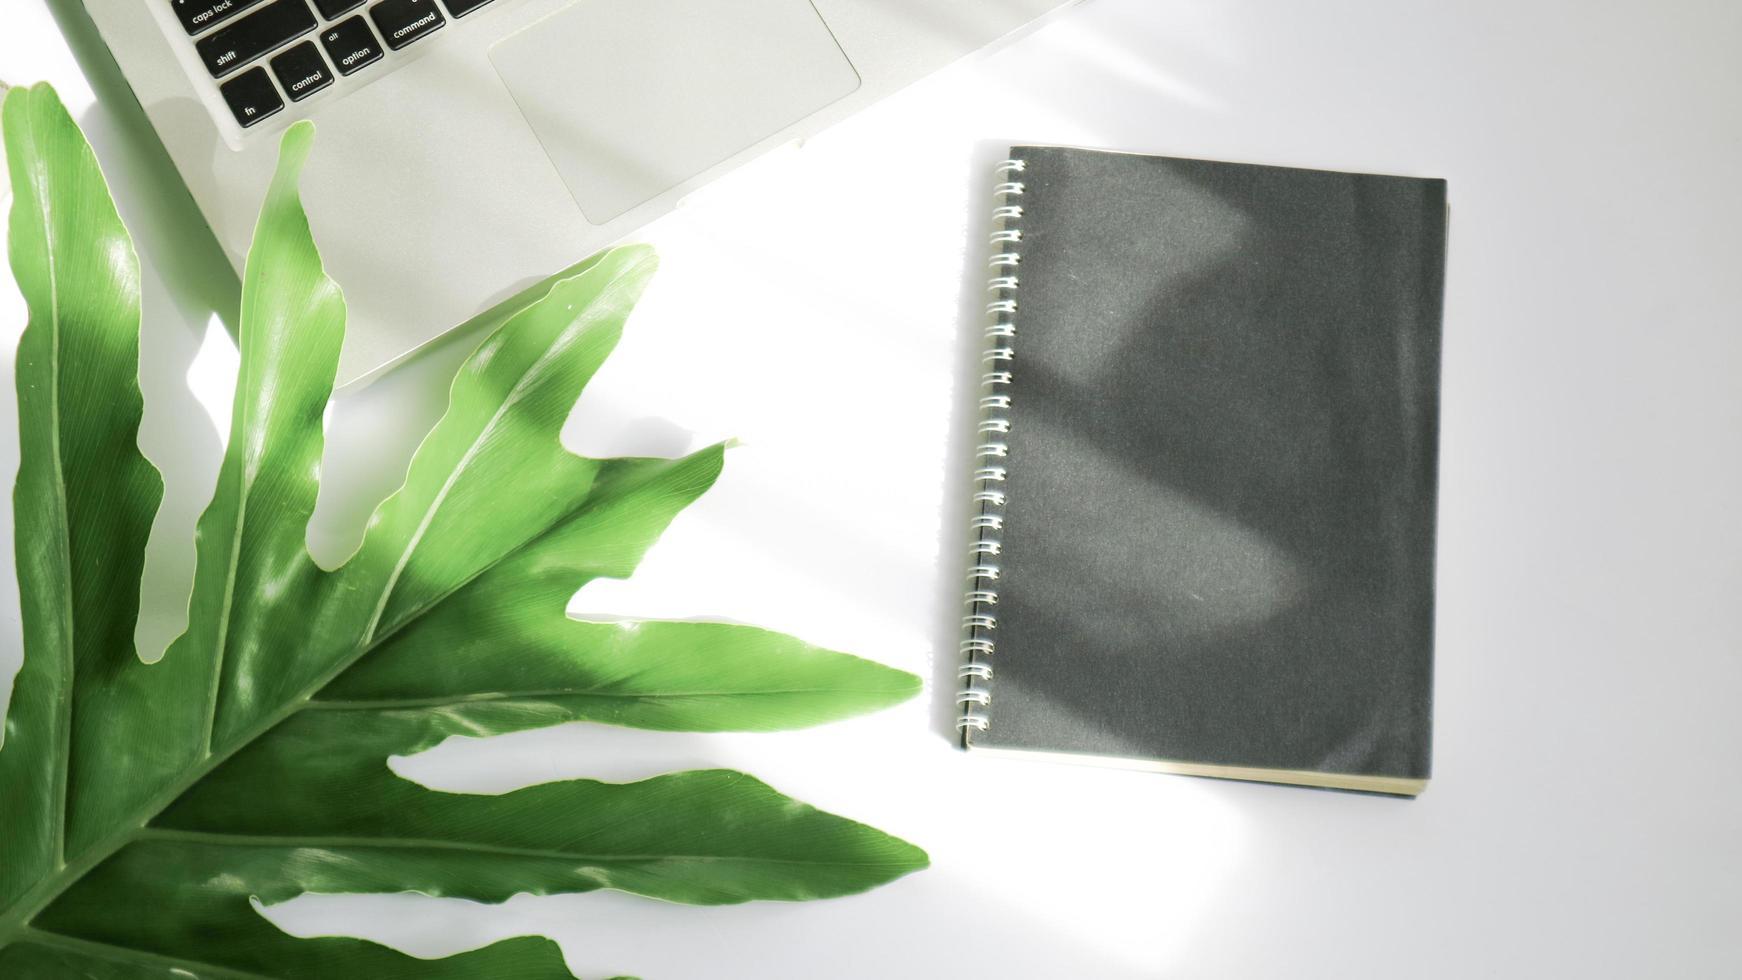 groene bladeren op een witte achtergrond en zonneschijn foto